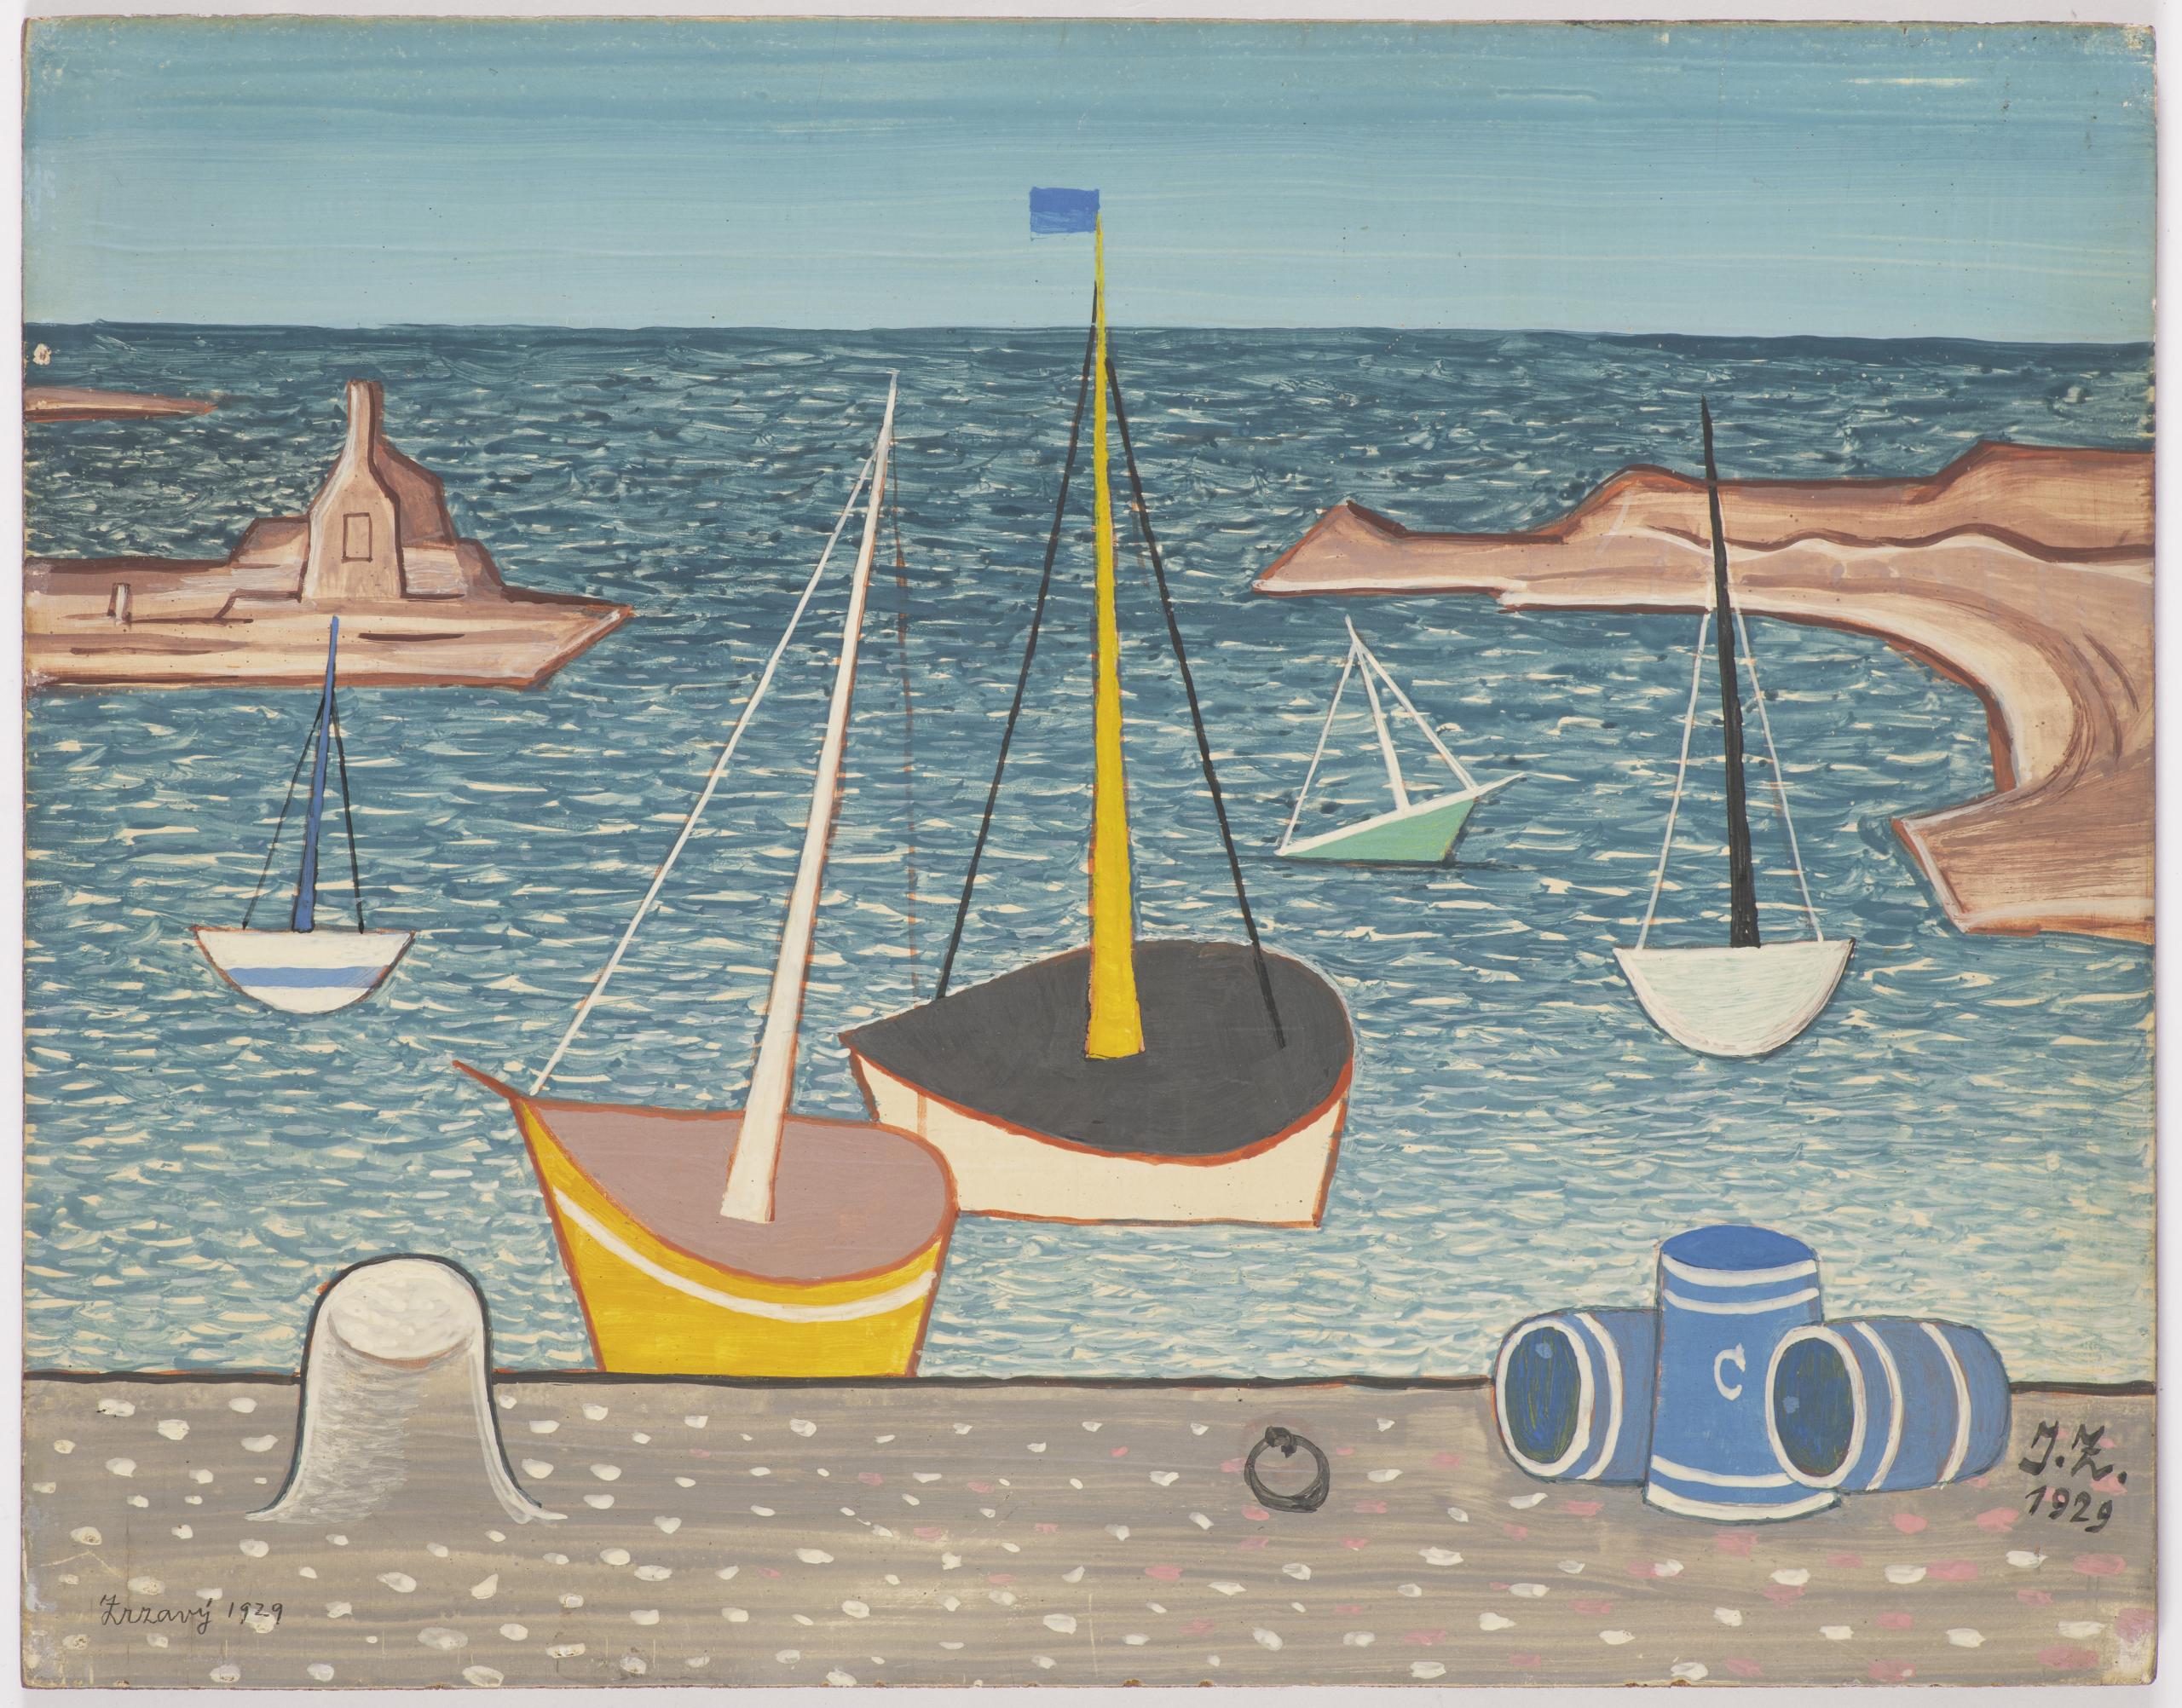 Jan-zrzavy-lodky-v-pristavu-1929-arthouse-hejtmanek